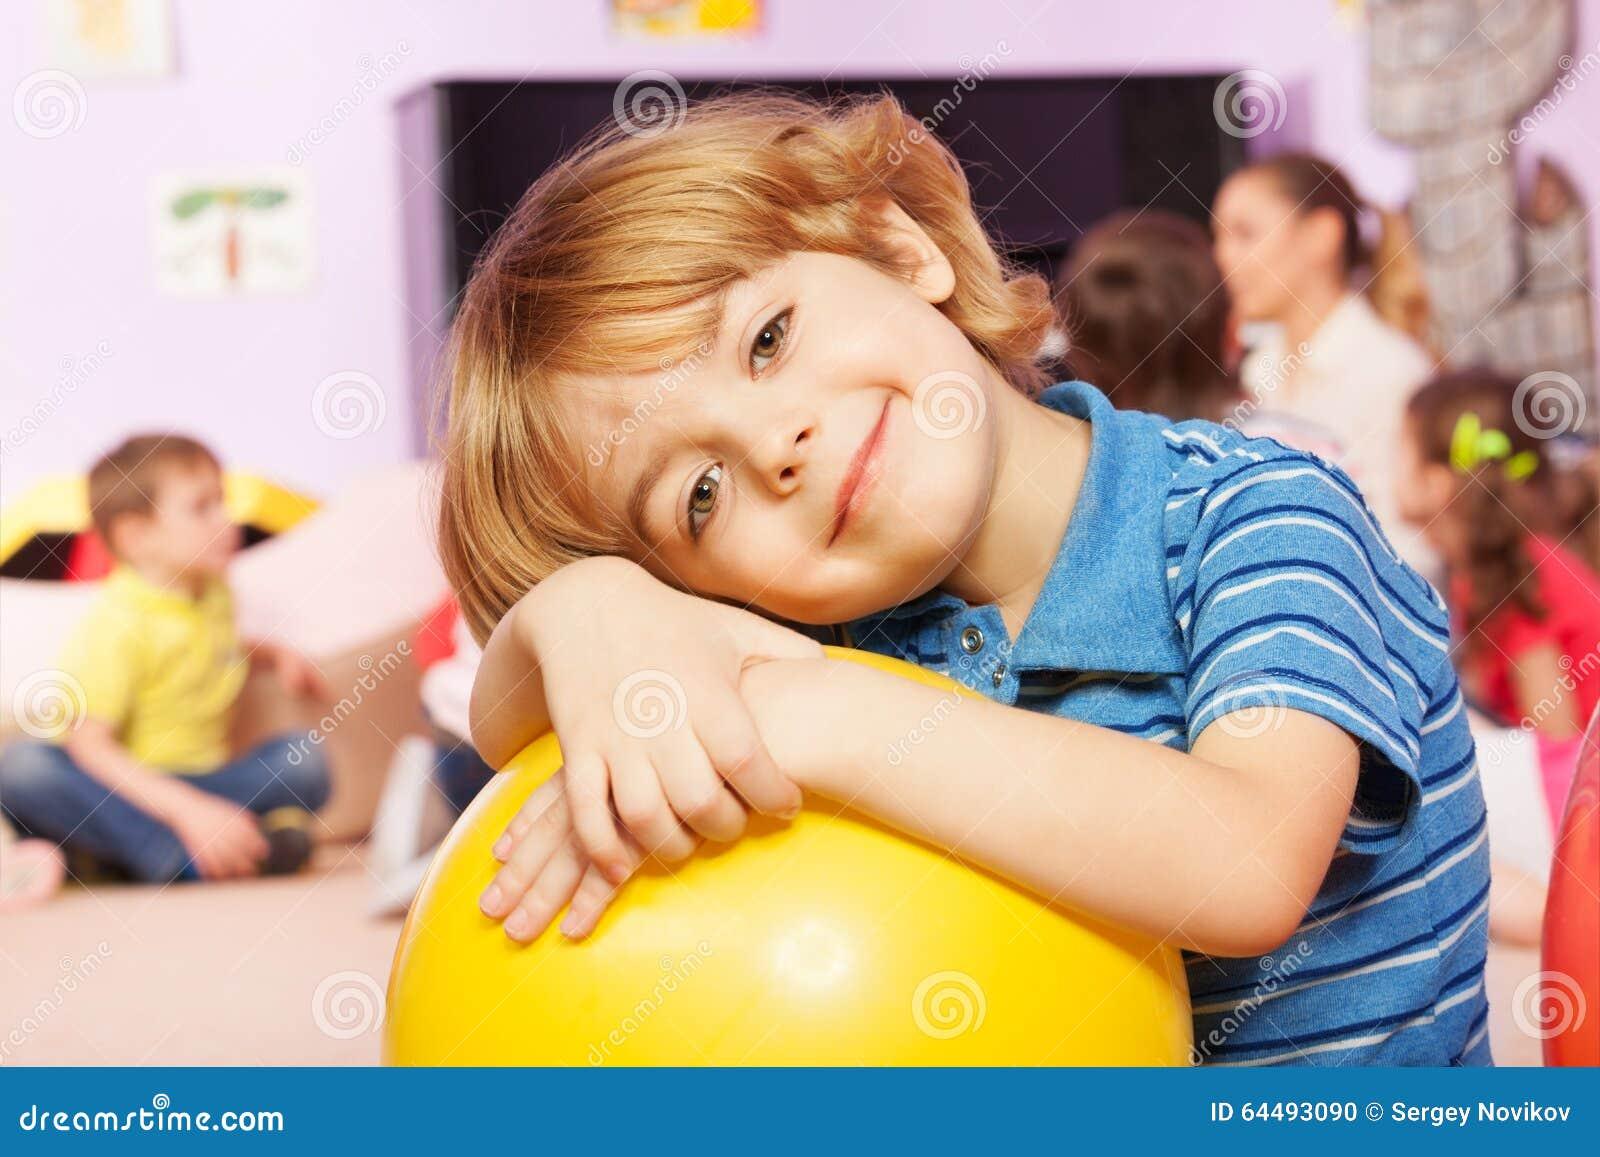 Portret chłopiec w dzieciniec grupie